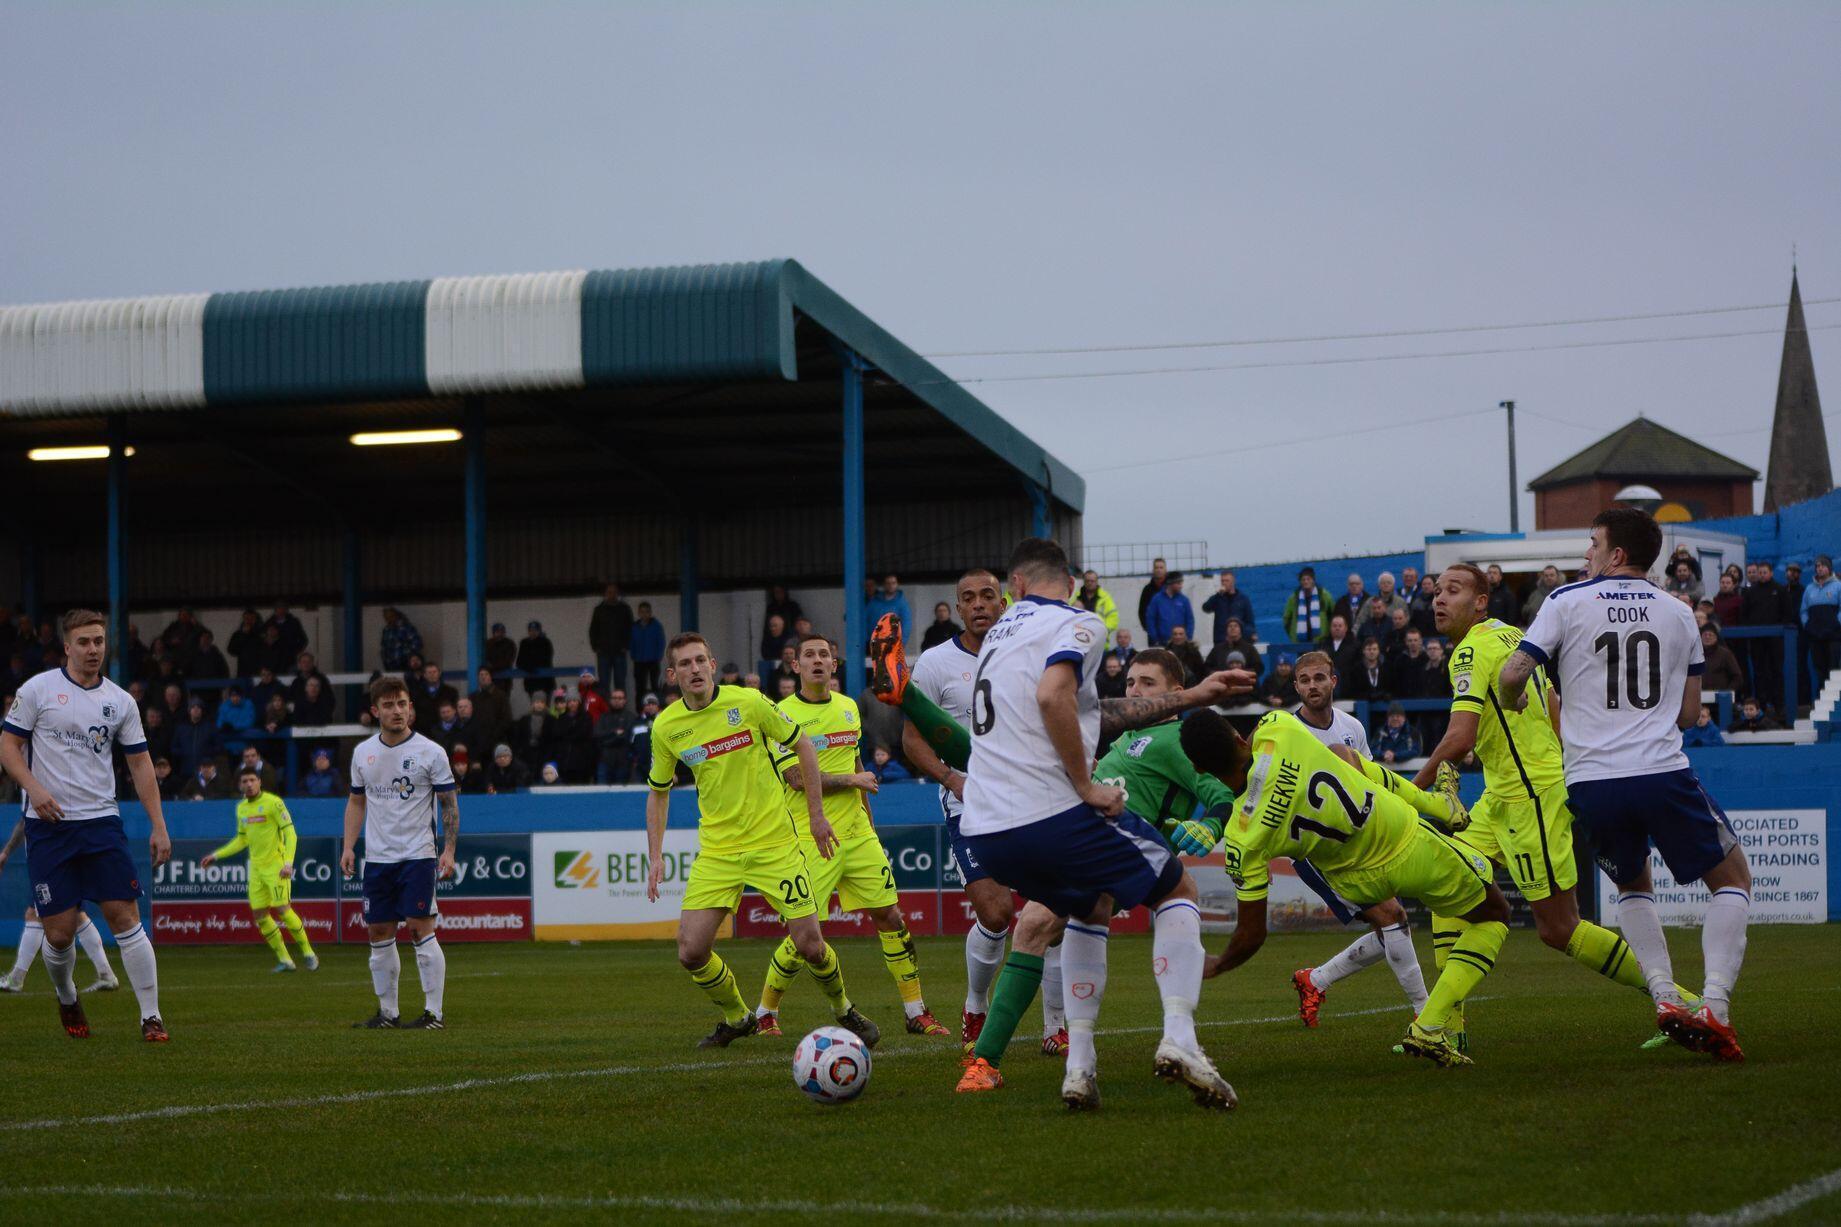 3-1 önde olan takım son dakikada 3 gol yedi